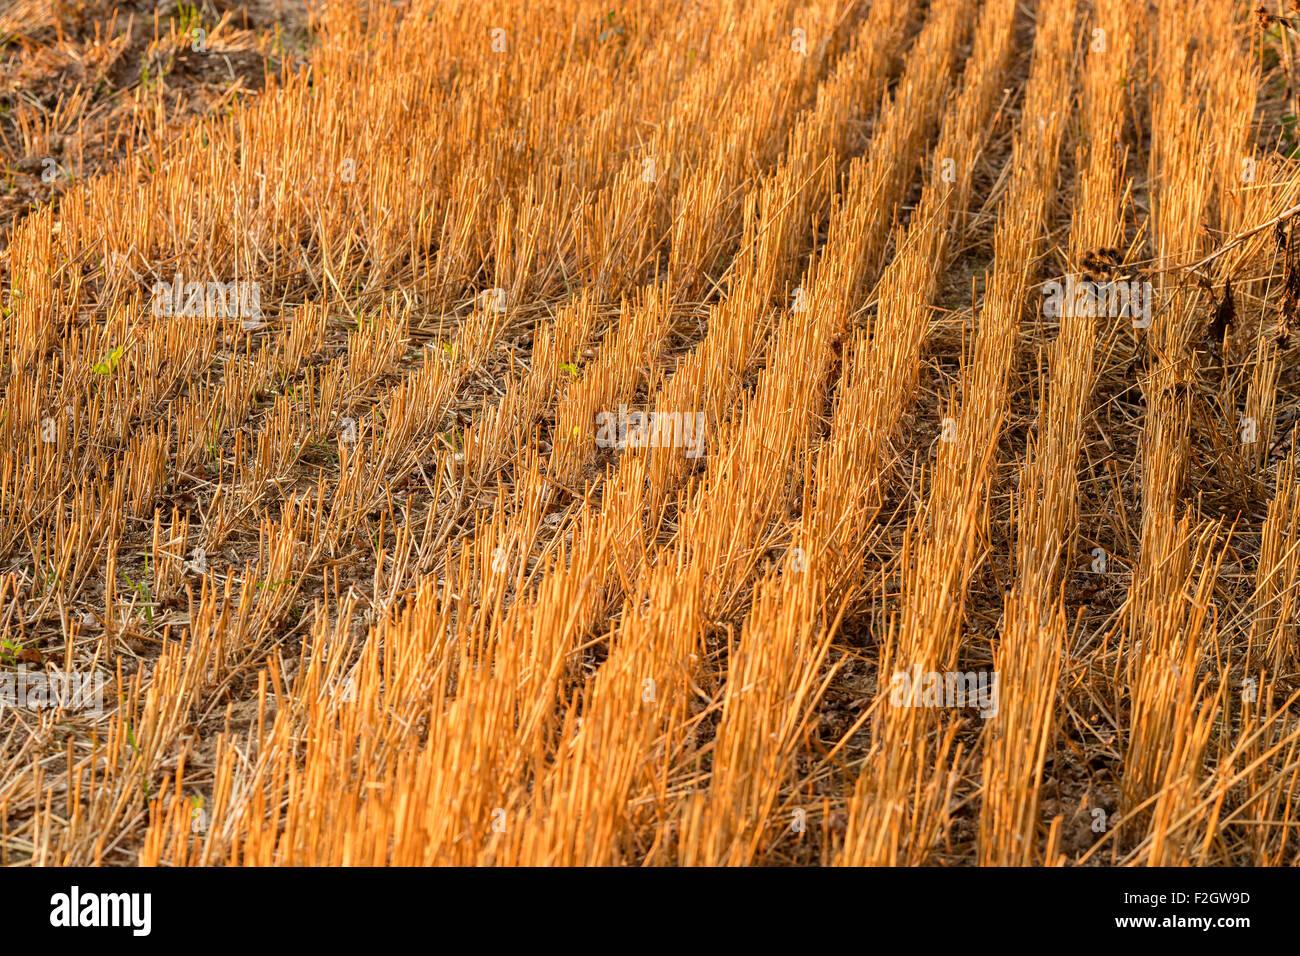 Kornfeld geerntet Stoppeln. Stroh. Strohhalme. Herbst Ernte Ernte Ernte Sonne Sonnenlicht Seite Eventide vergangenen Stockbild